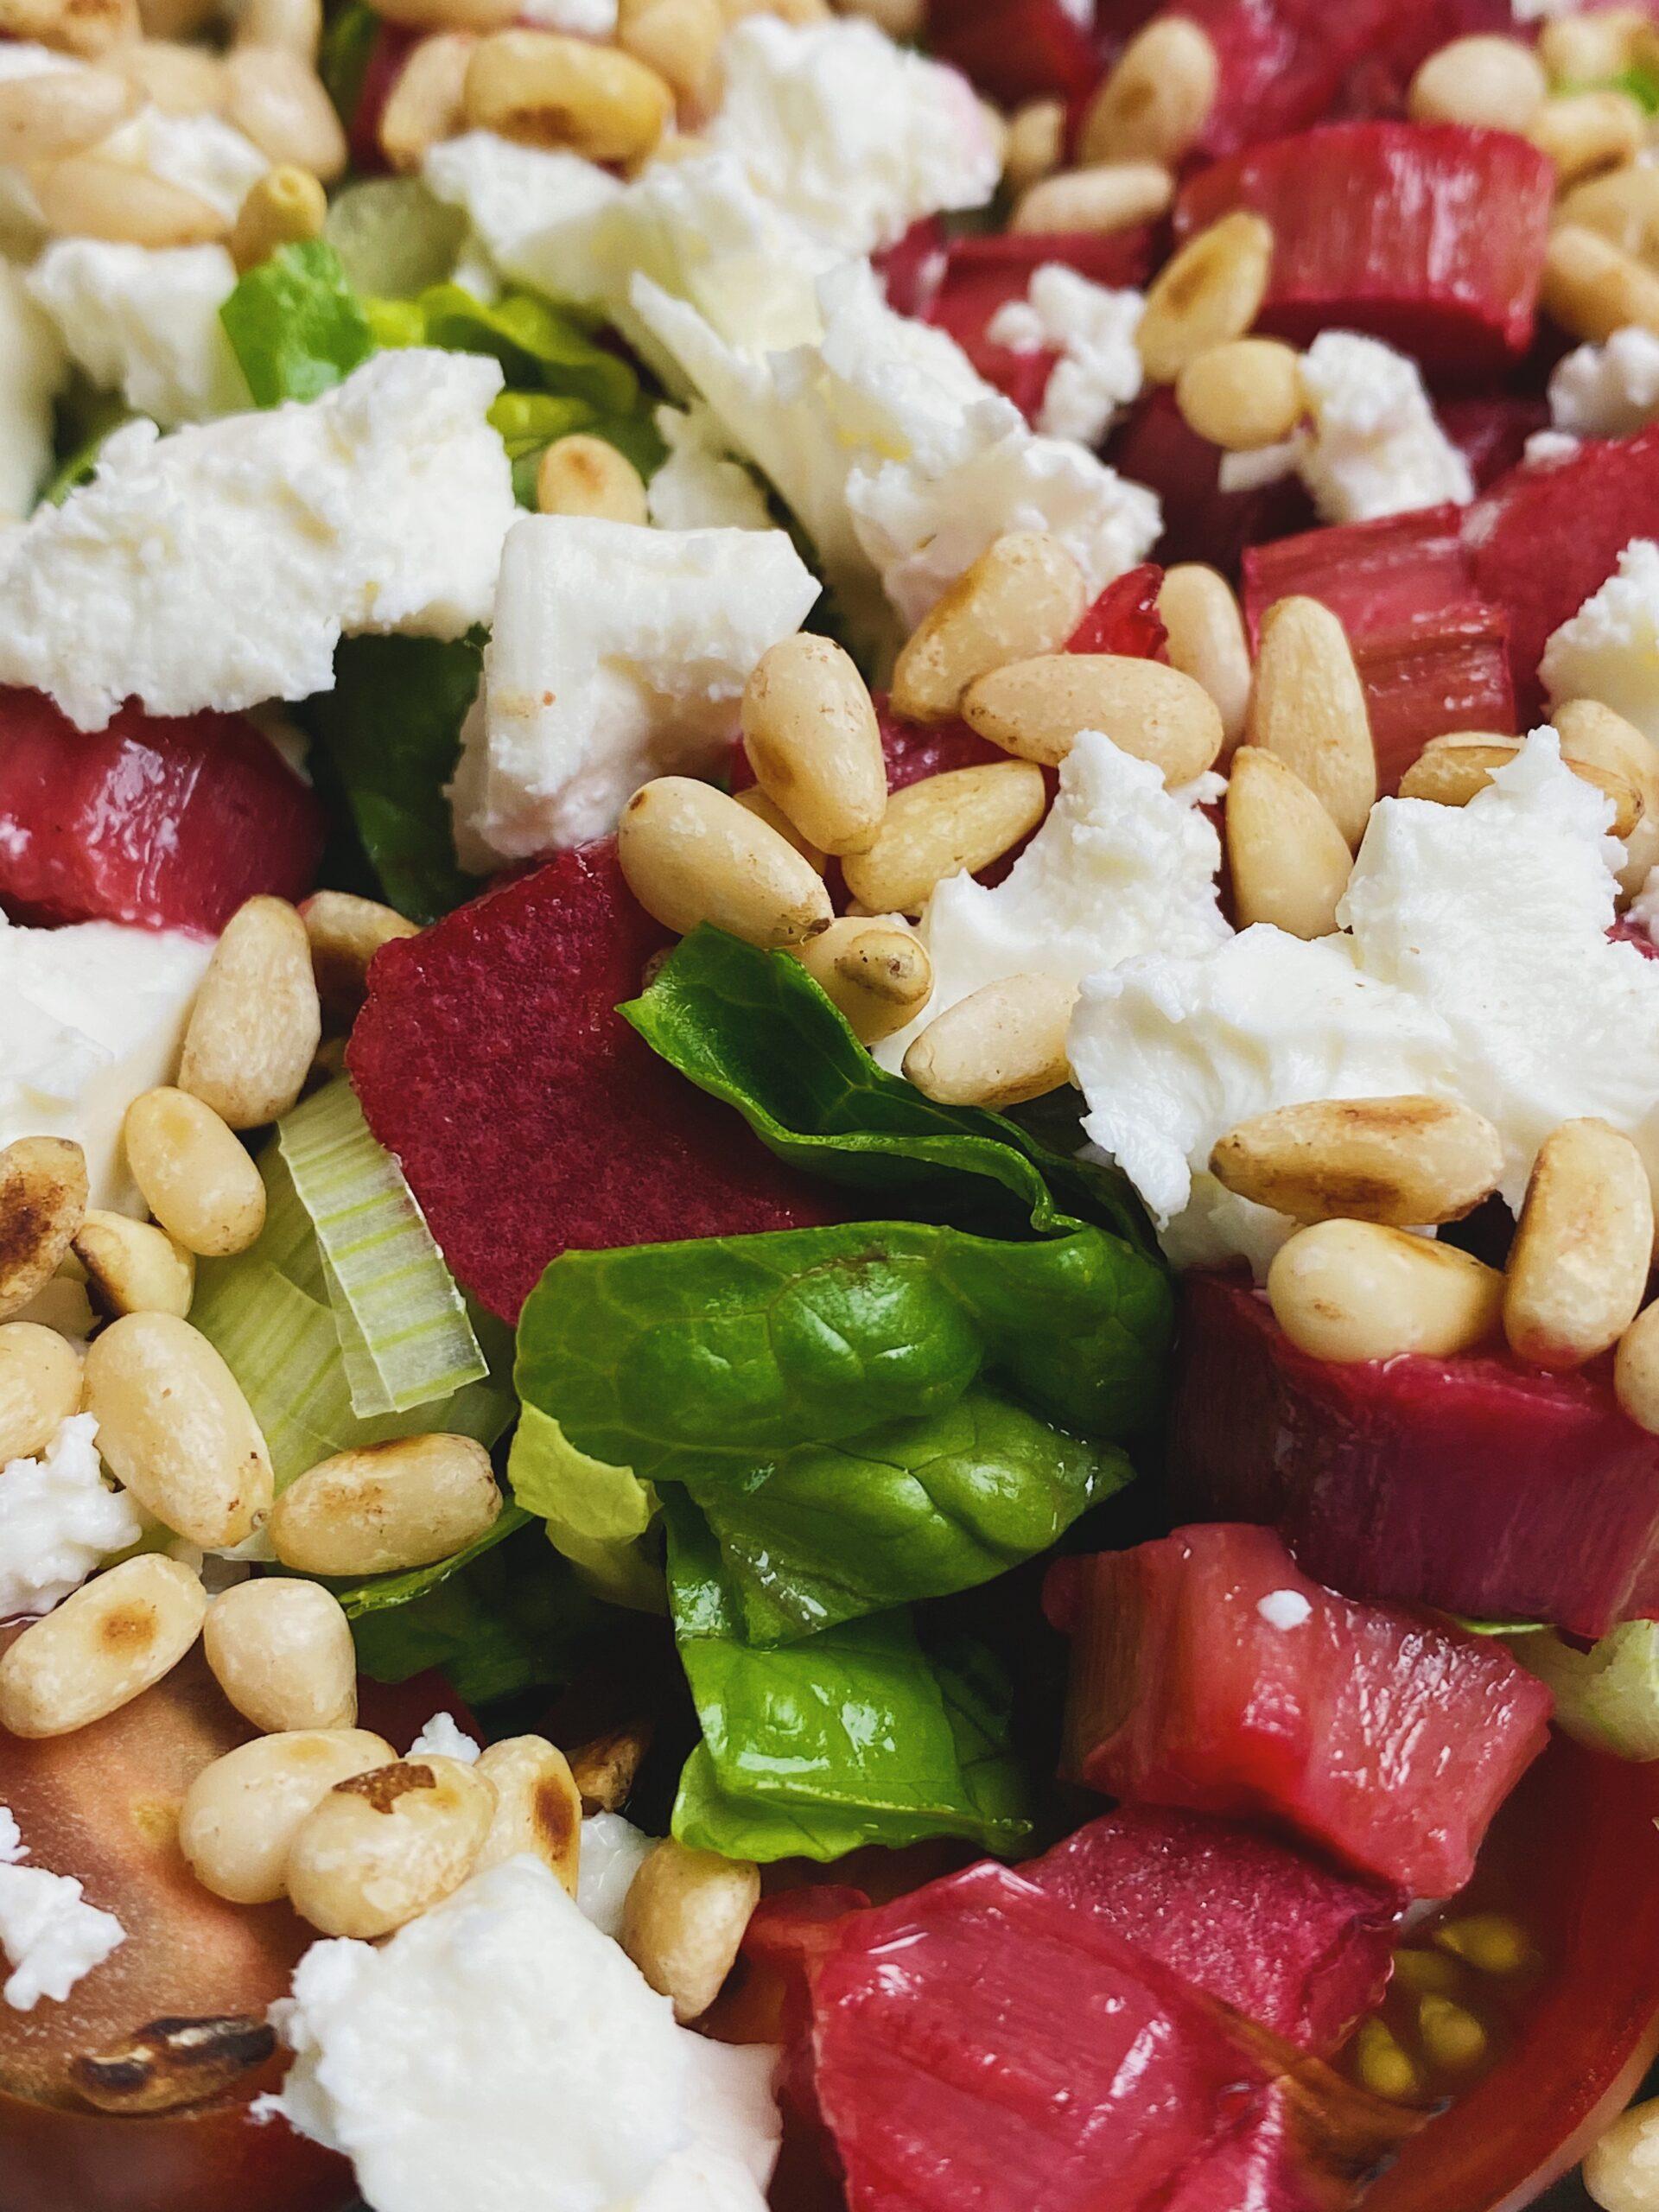 salat med bagte rabarber tæt på